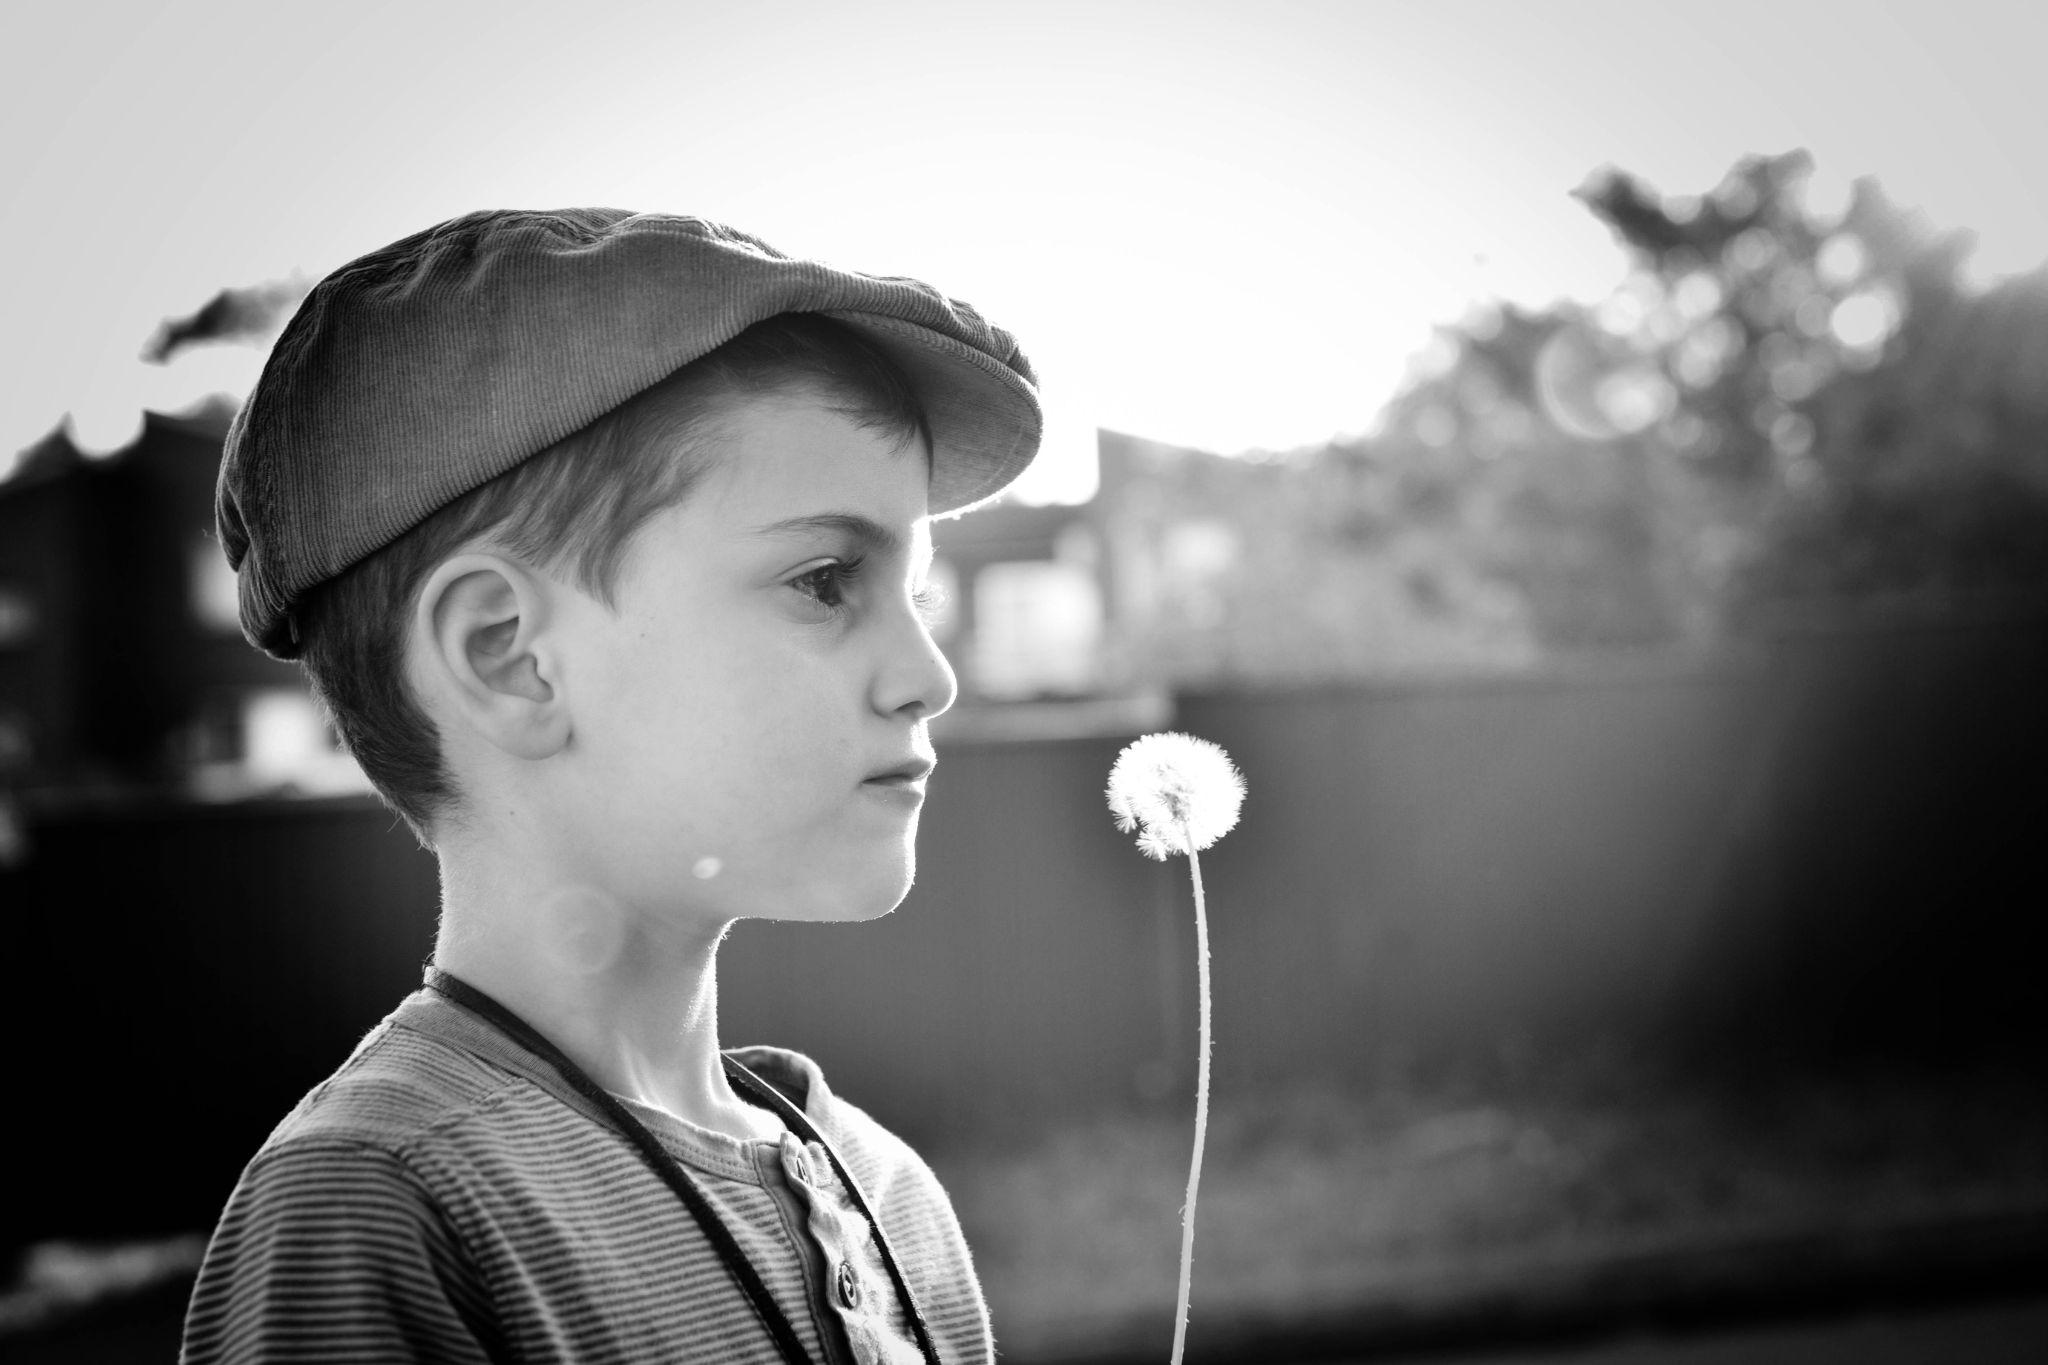 The little man by robertporta7